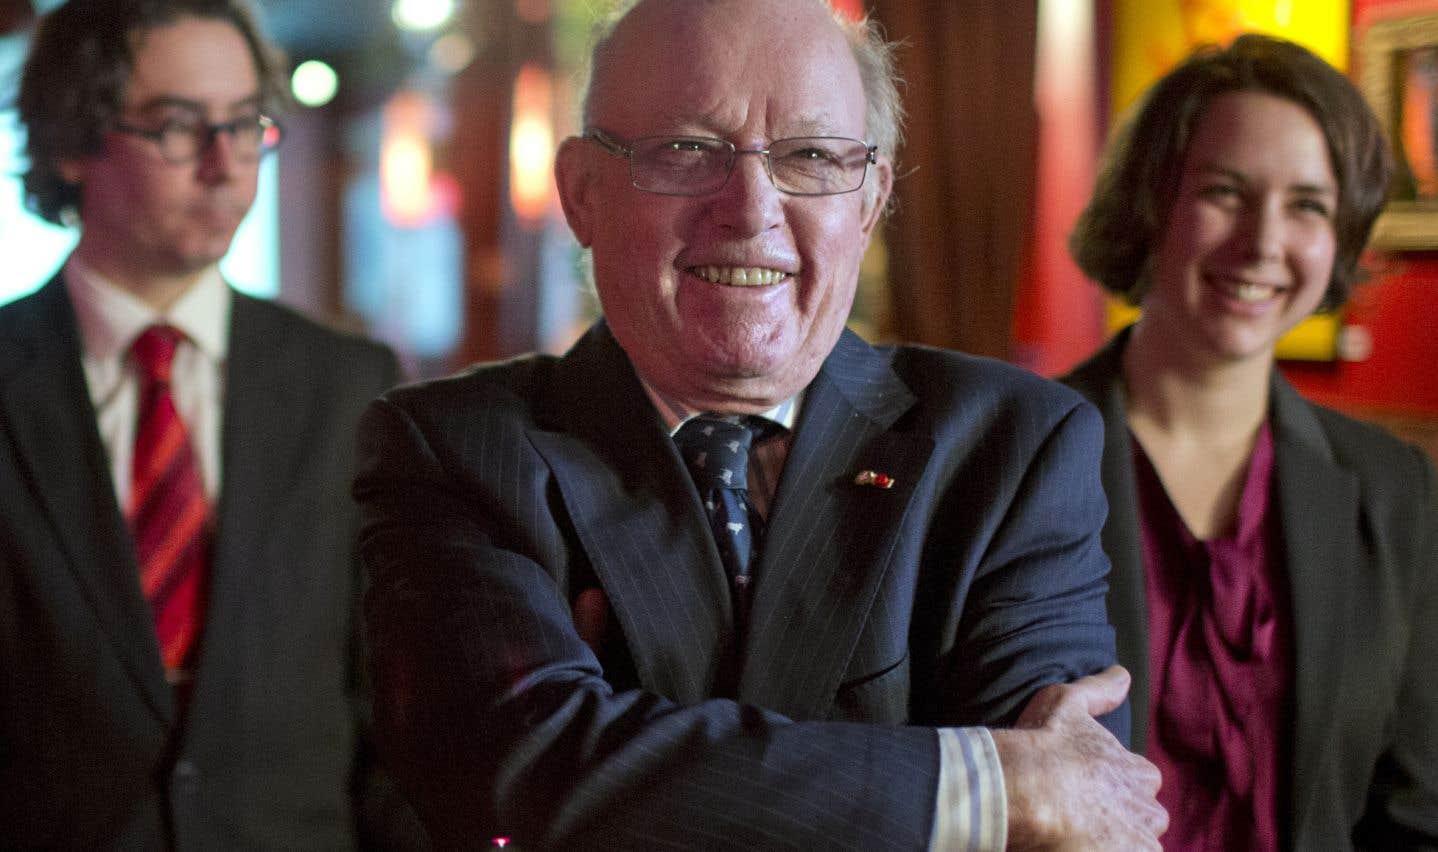 L'ex-premier ministre québécois Bernard Landry, lors de la création en janvier 2013 de la Convergence nationale, un rassemblement d'organismes souverainistes voulant ramener la question nationale au centre du débat public.